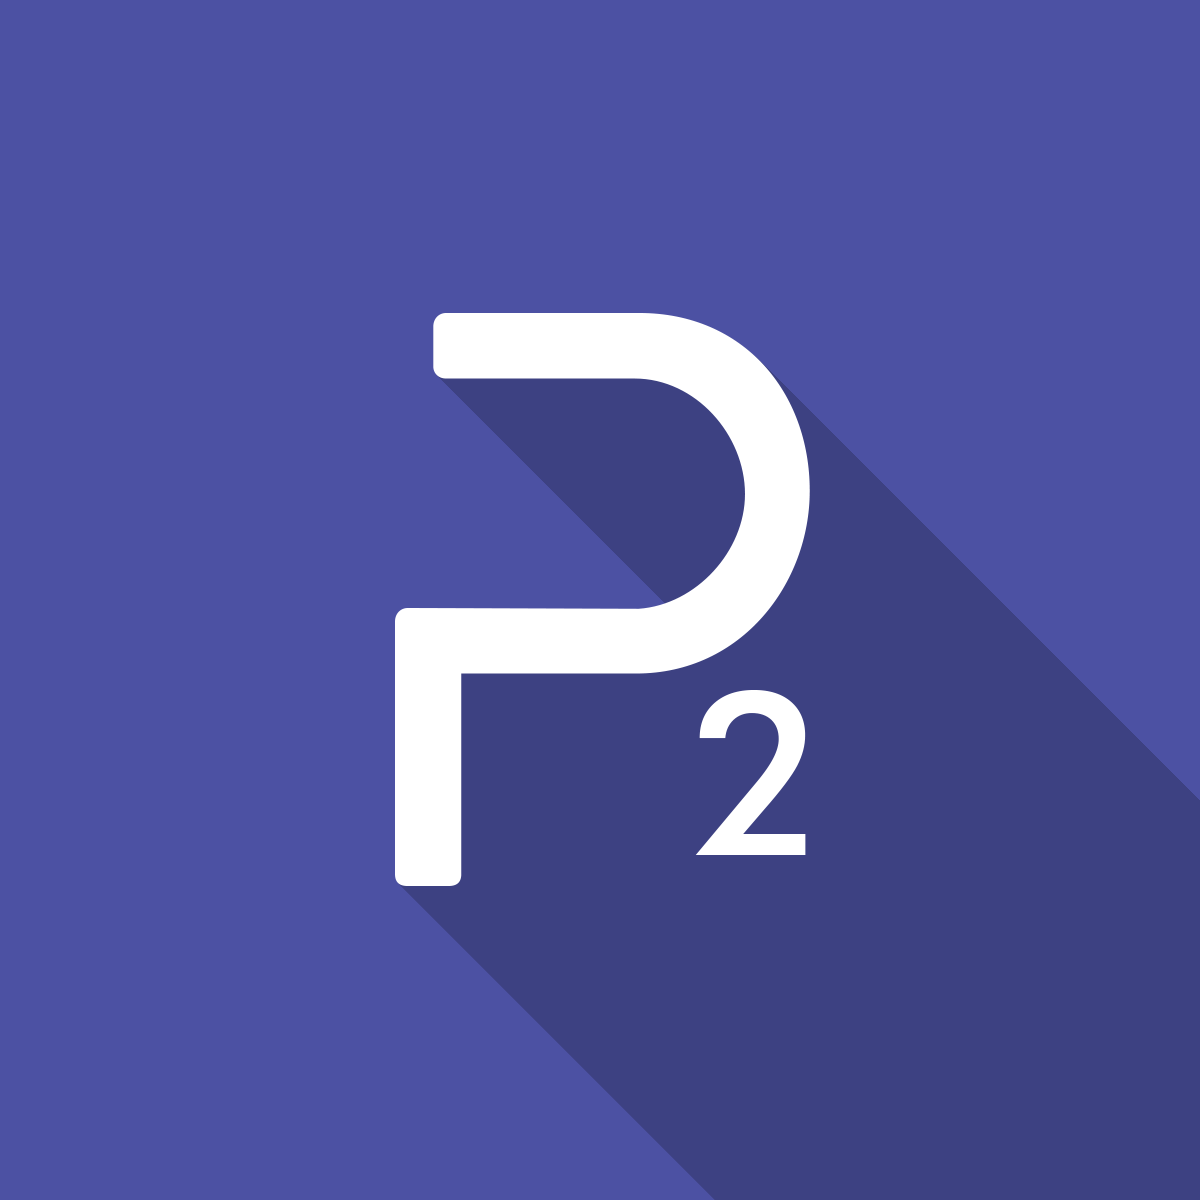 Logo OLS-P2